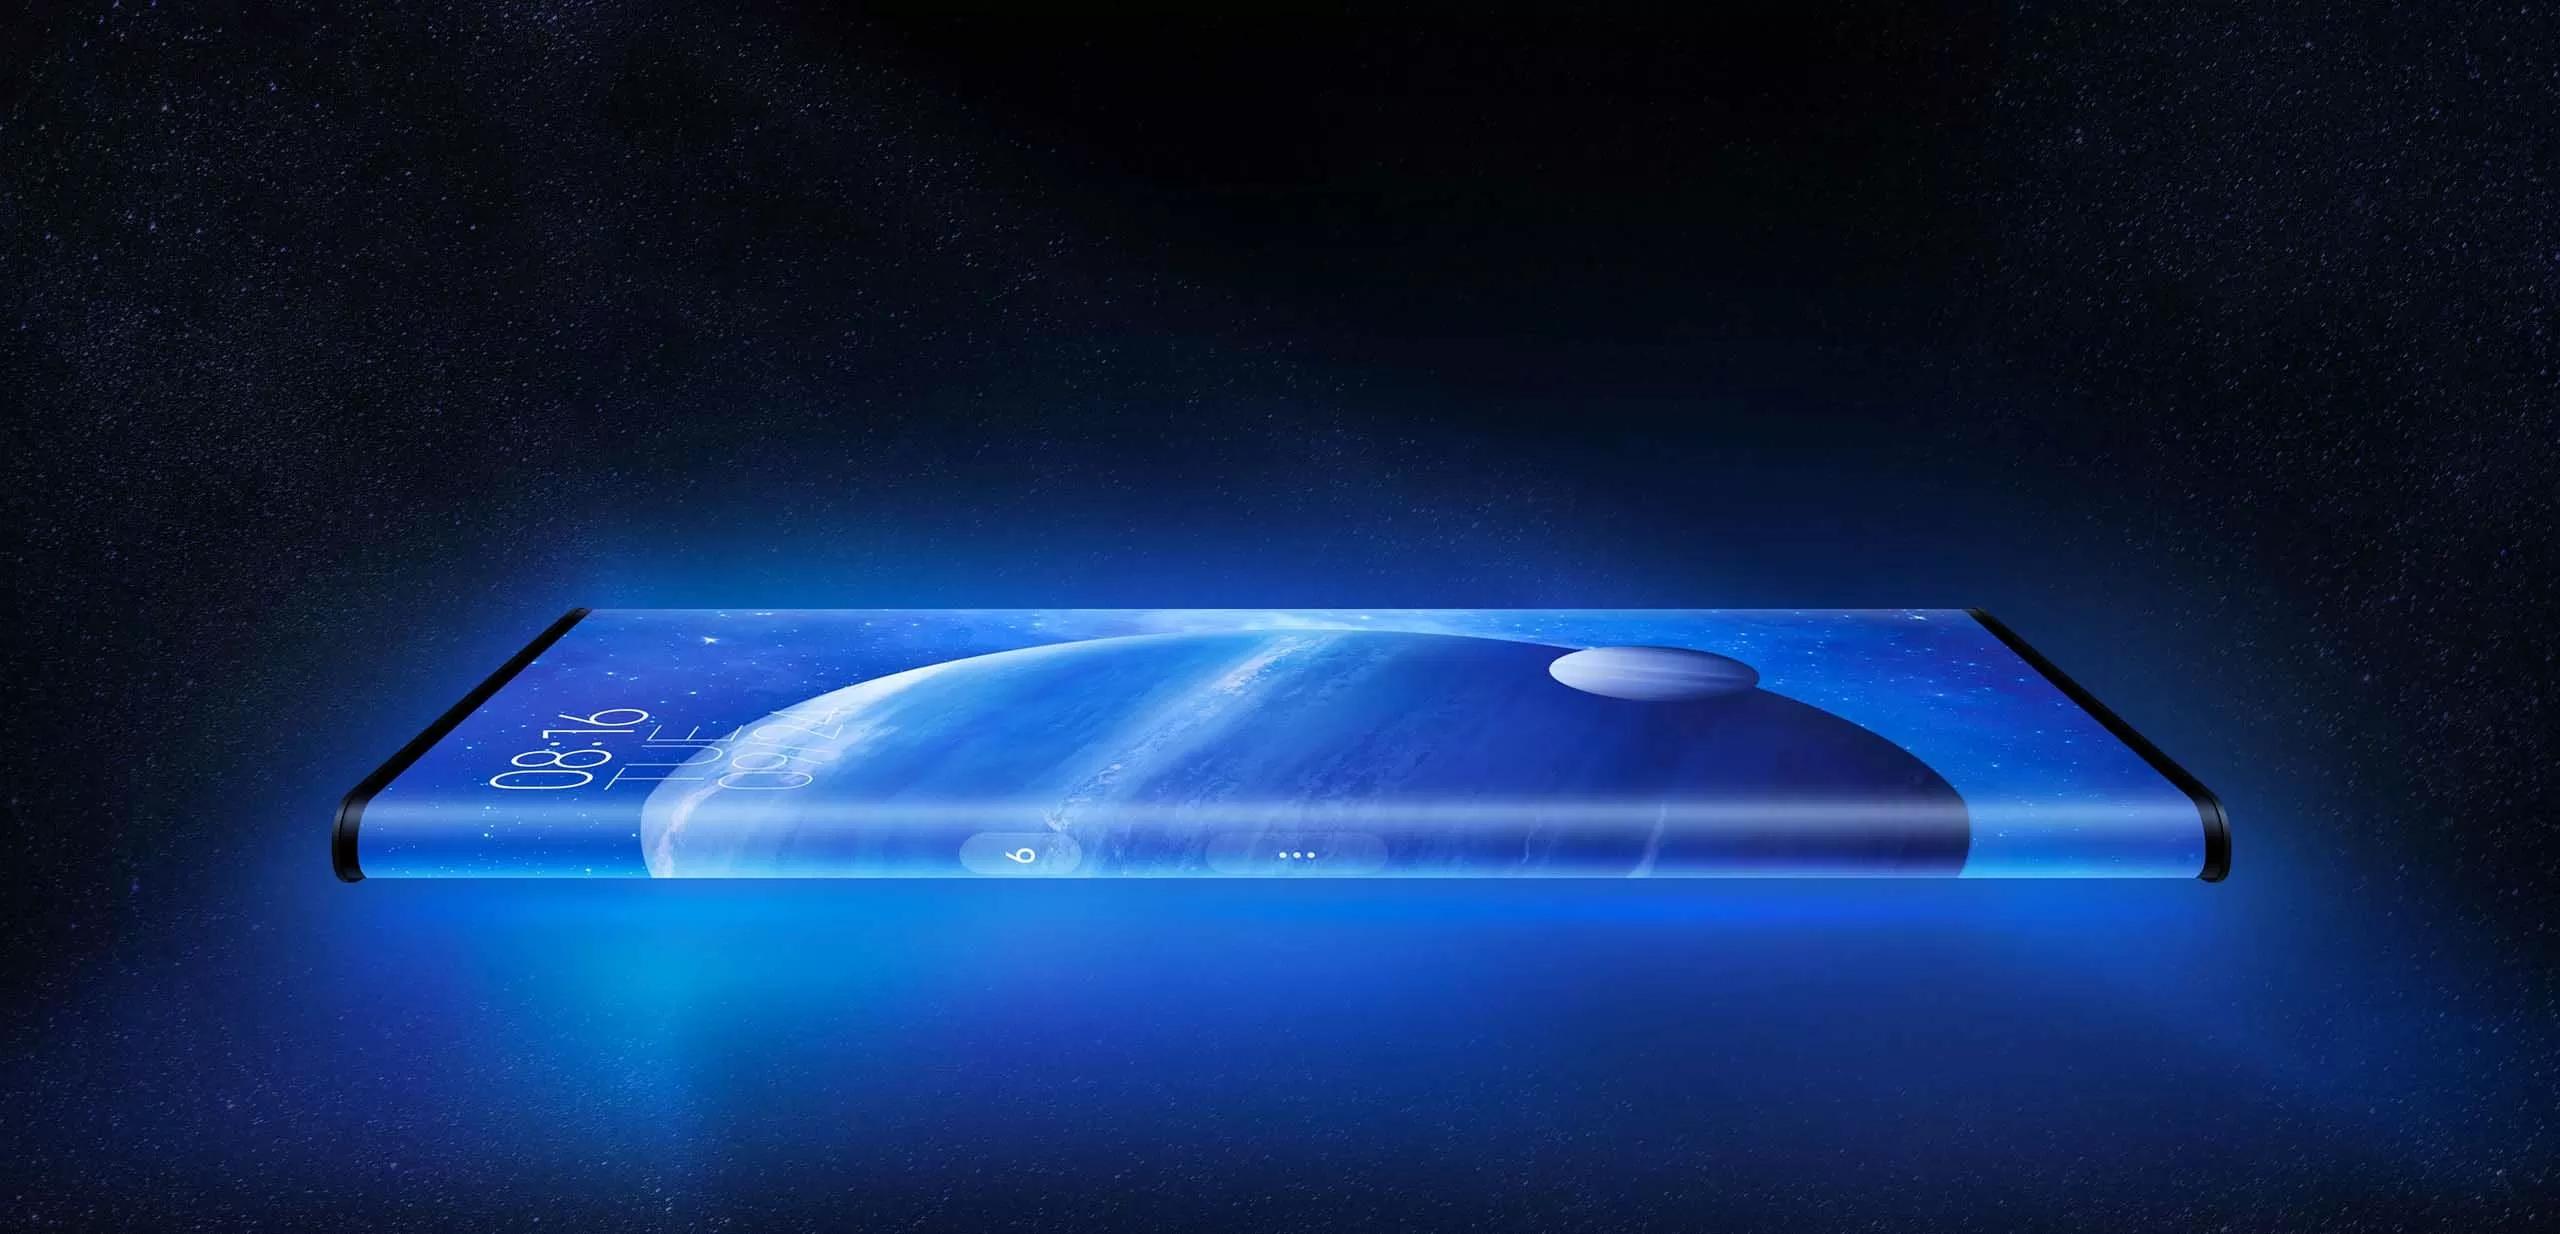 Теперь официально: складной смартфон Xiaomi Mi MIX представят 29 марта